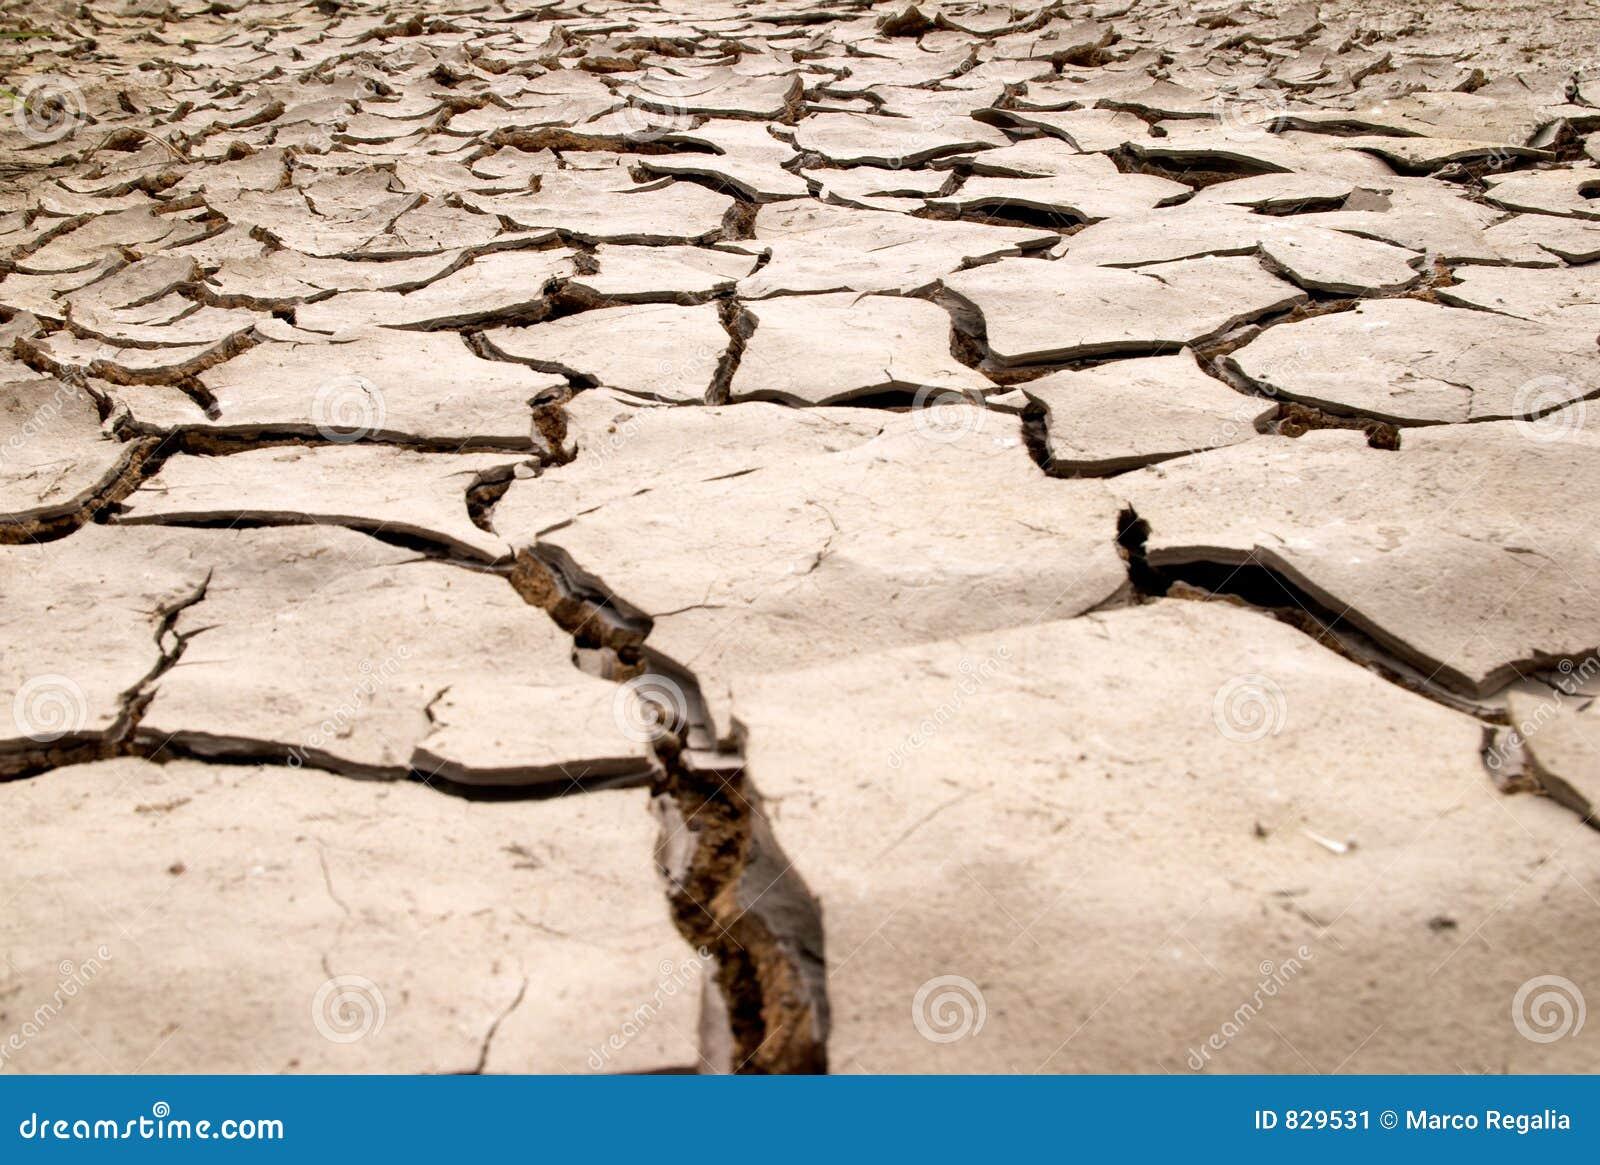 De droge textuur van modderbarsten